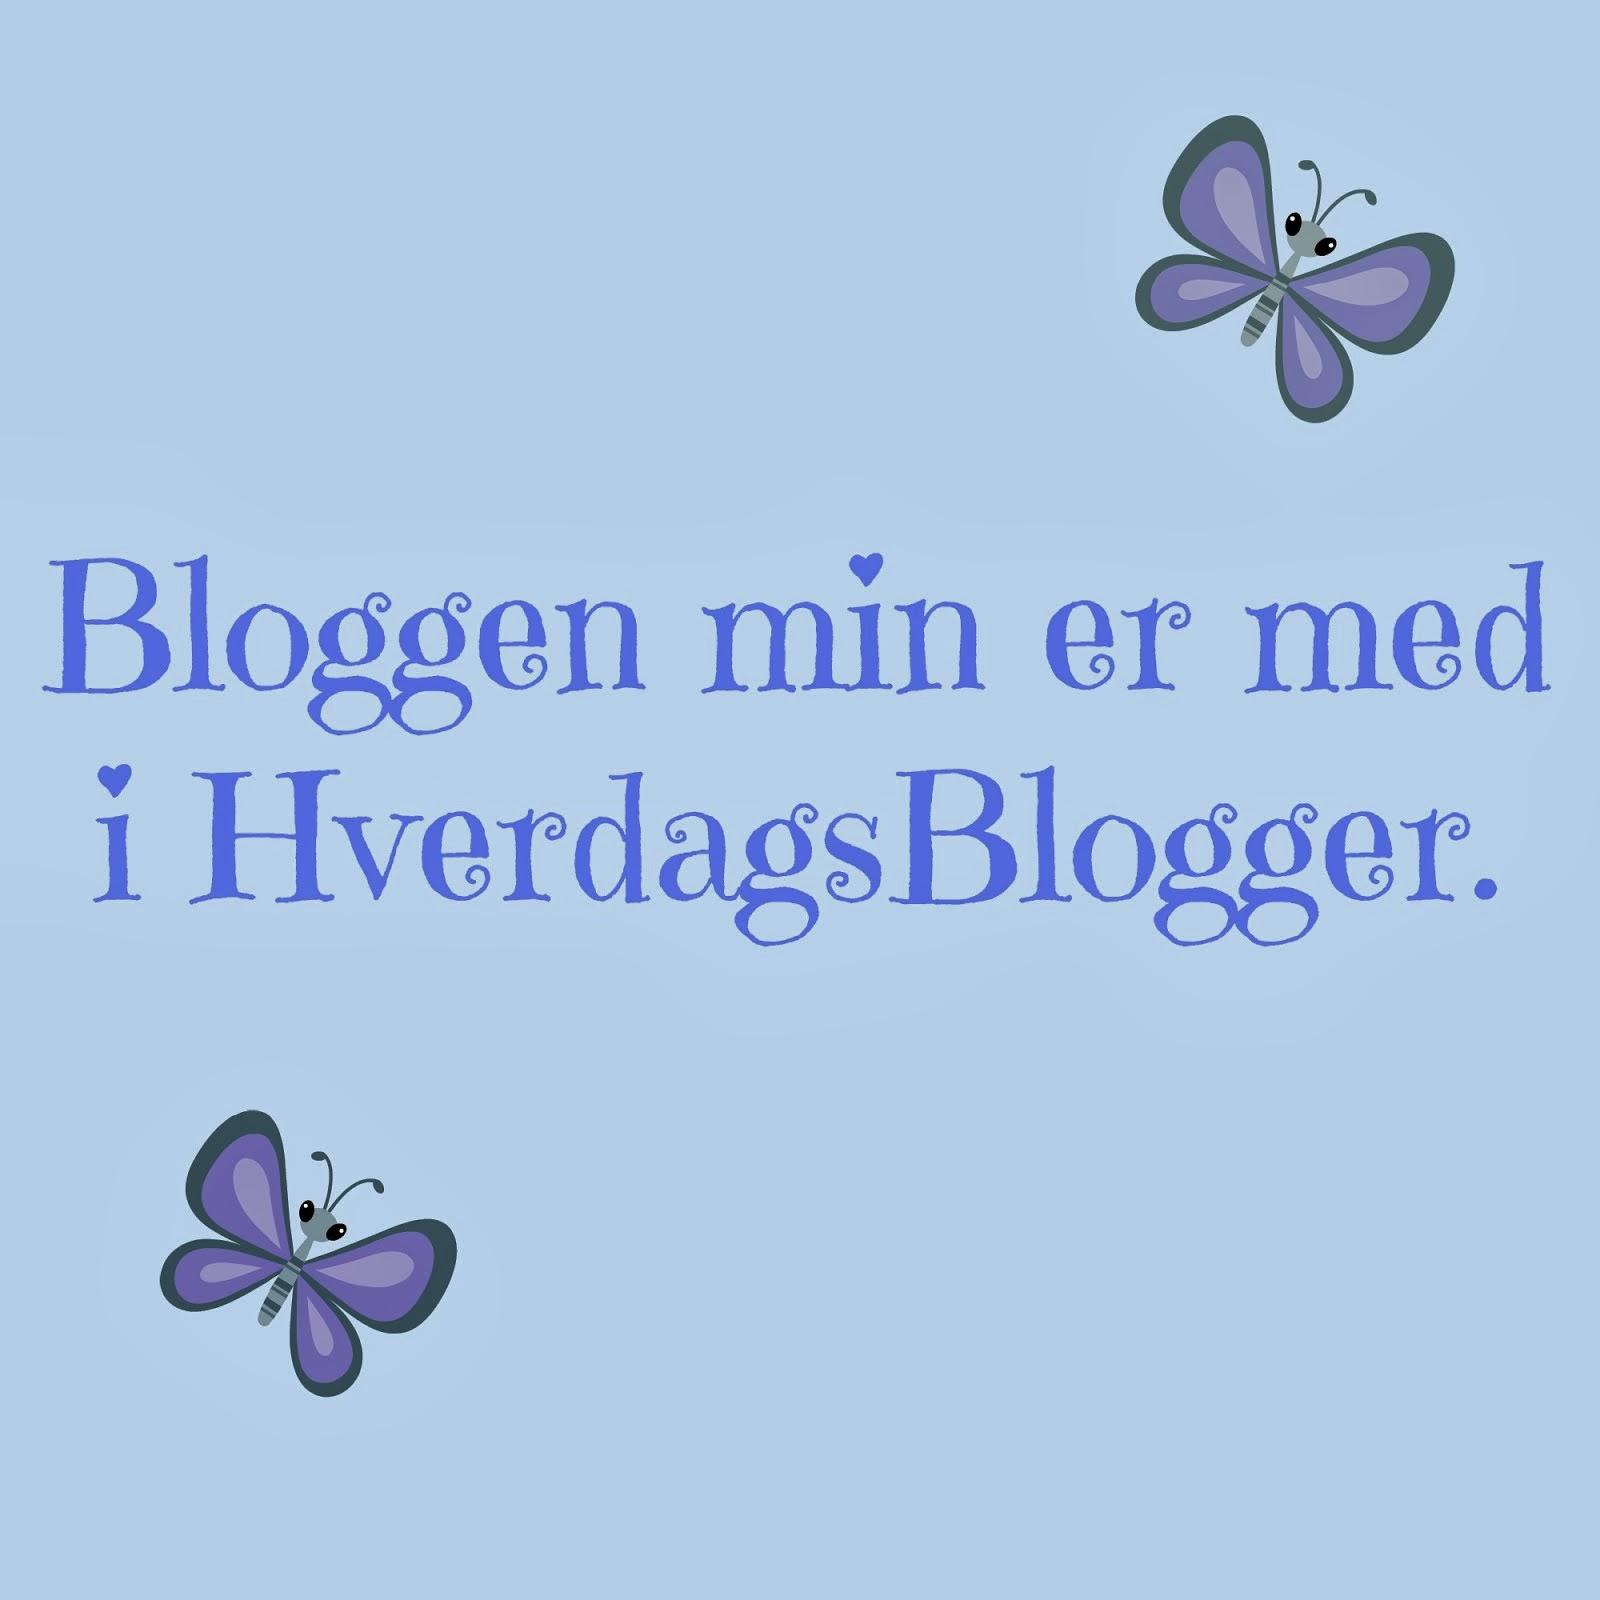 Bruk dette bildet for å linke til HverdagsBlogger fra din blogg. Husk å legge til link på bildet:-)